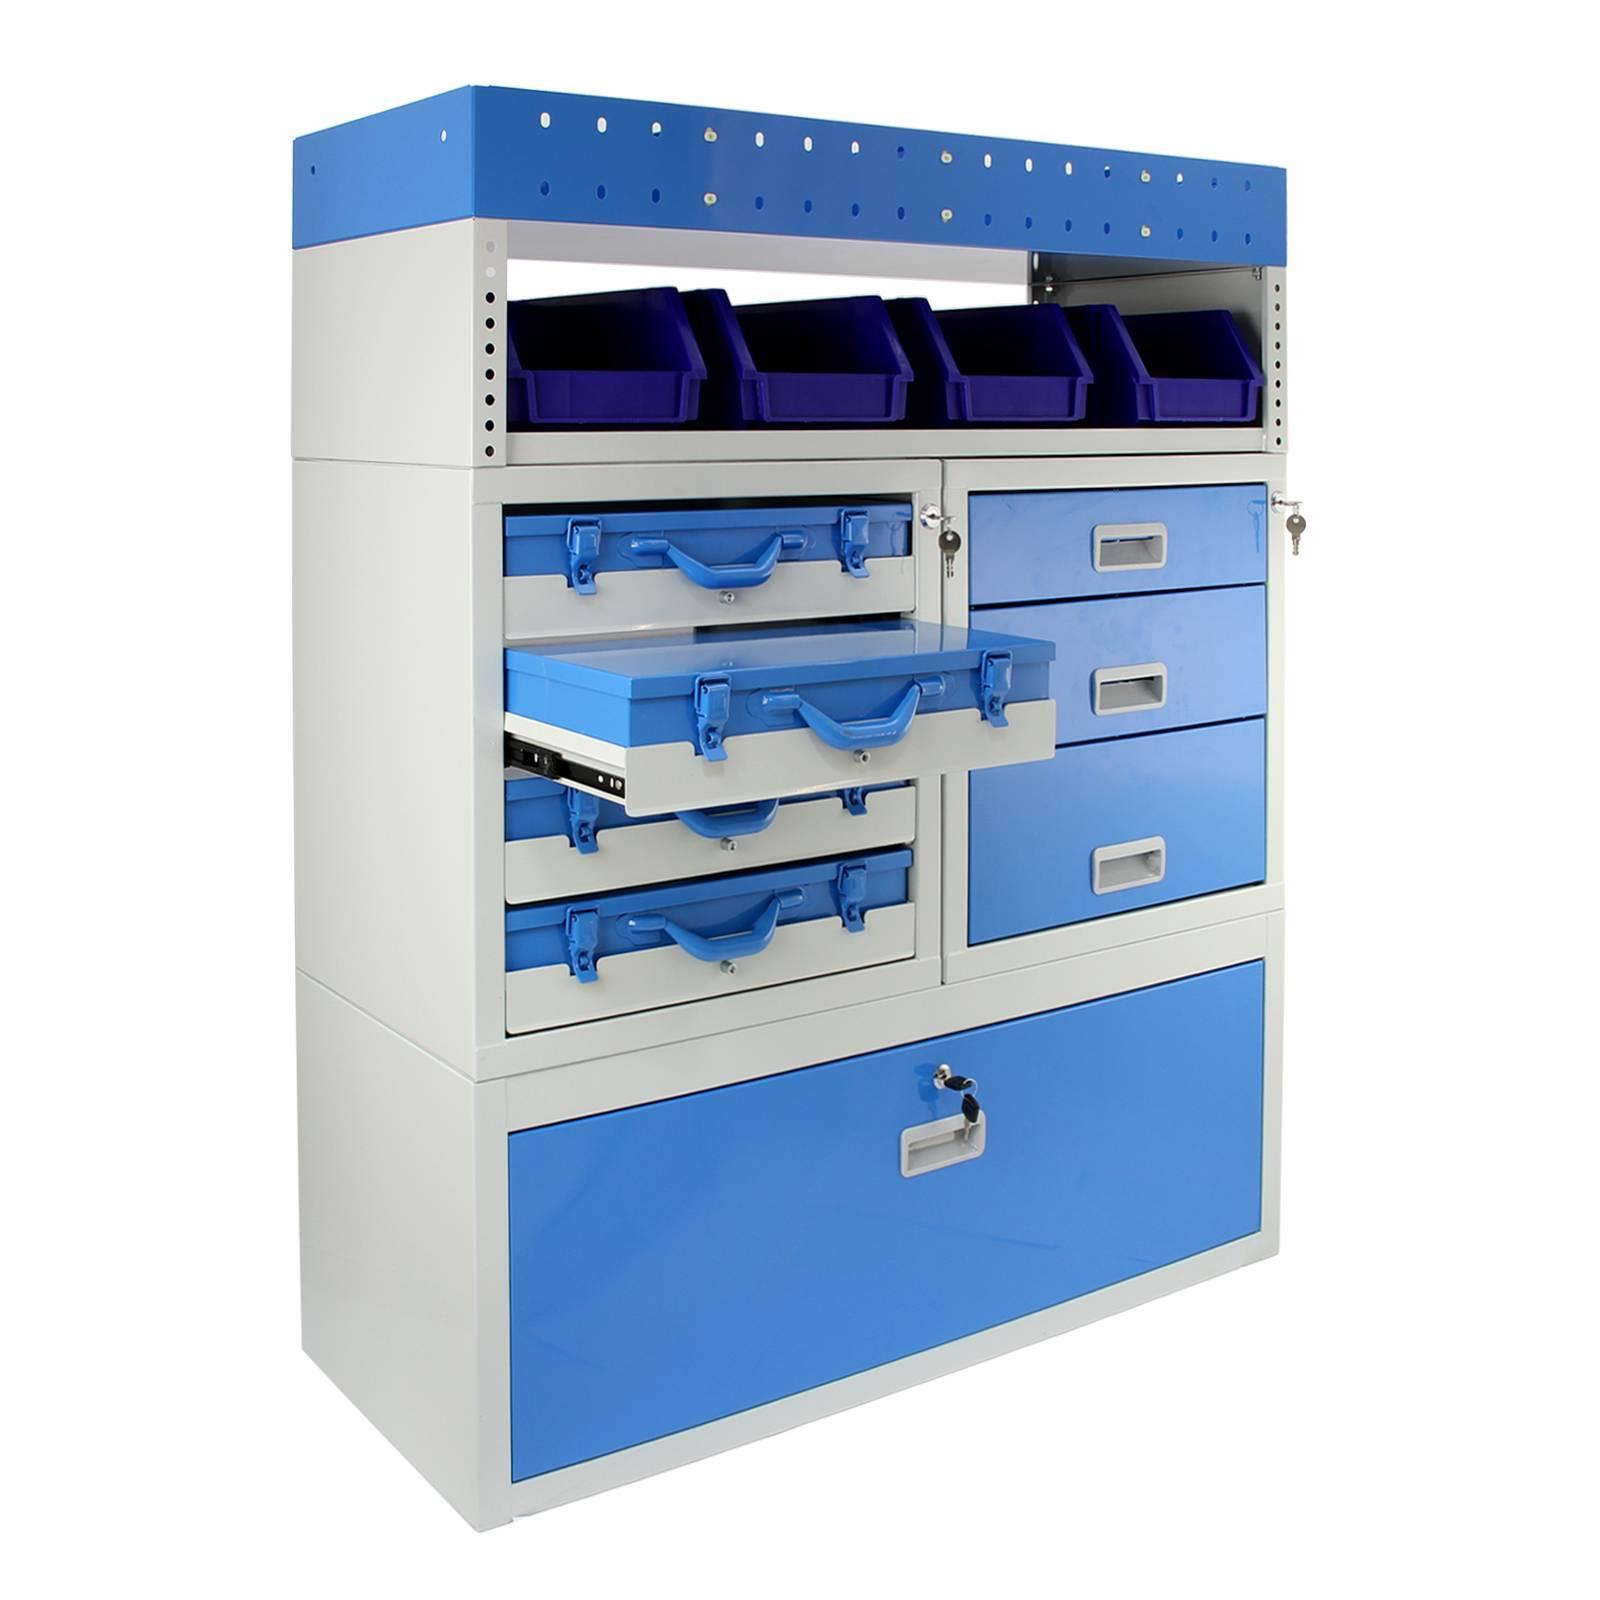 Van Racking Metal Shelving Steel Rack Tool Storage System